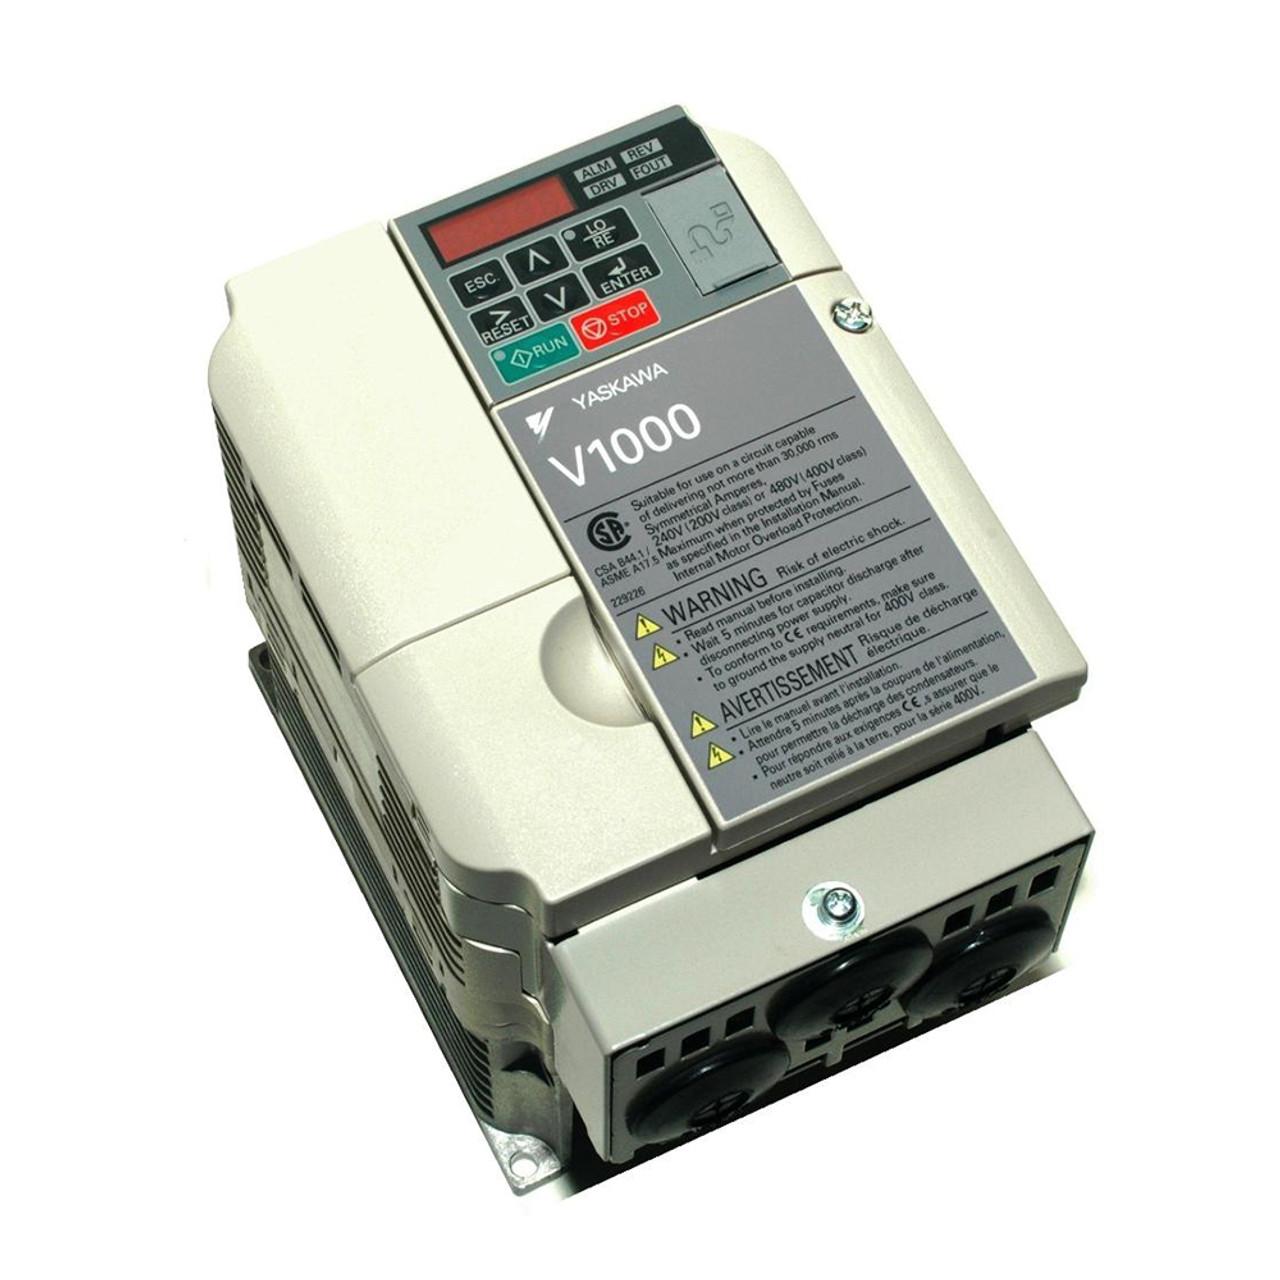 Yaskawa V1000 Series CIMR-VU2A0012FAA Compact Drive on